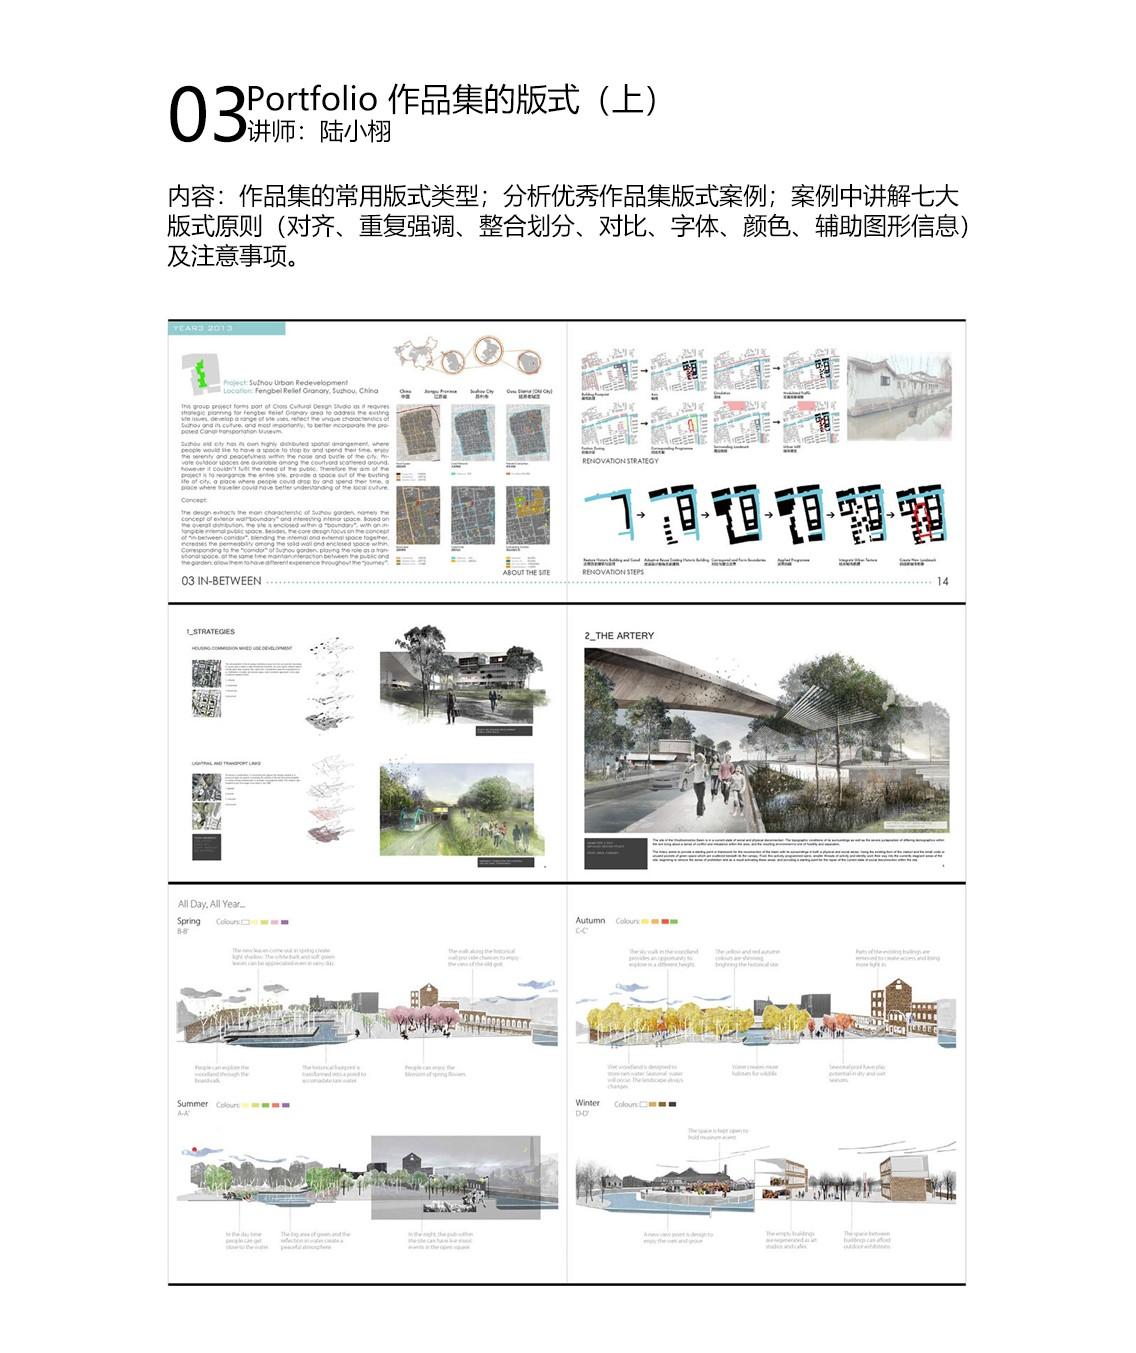 一对一作品集辅导:InDesign景观作品集制作,景观作品集制作秘籍:22条实用。